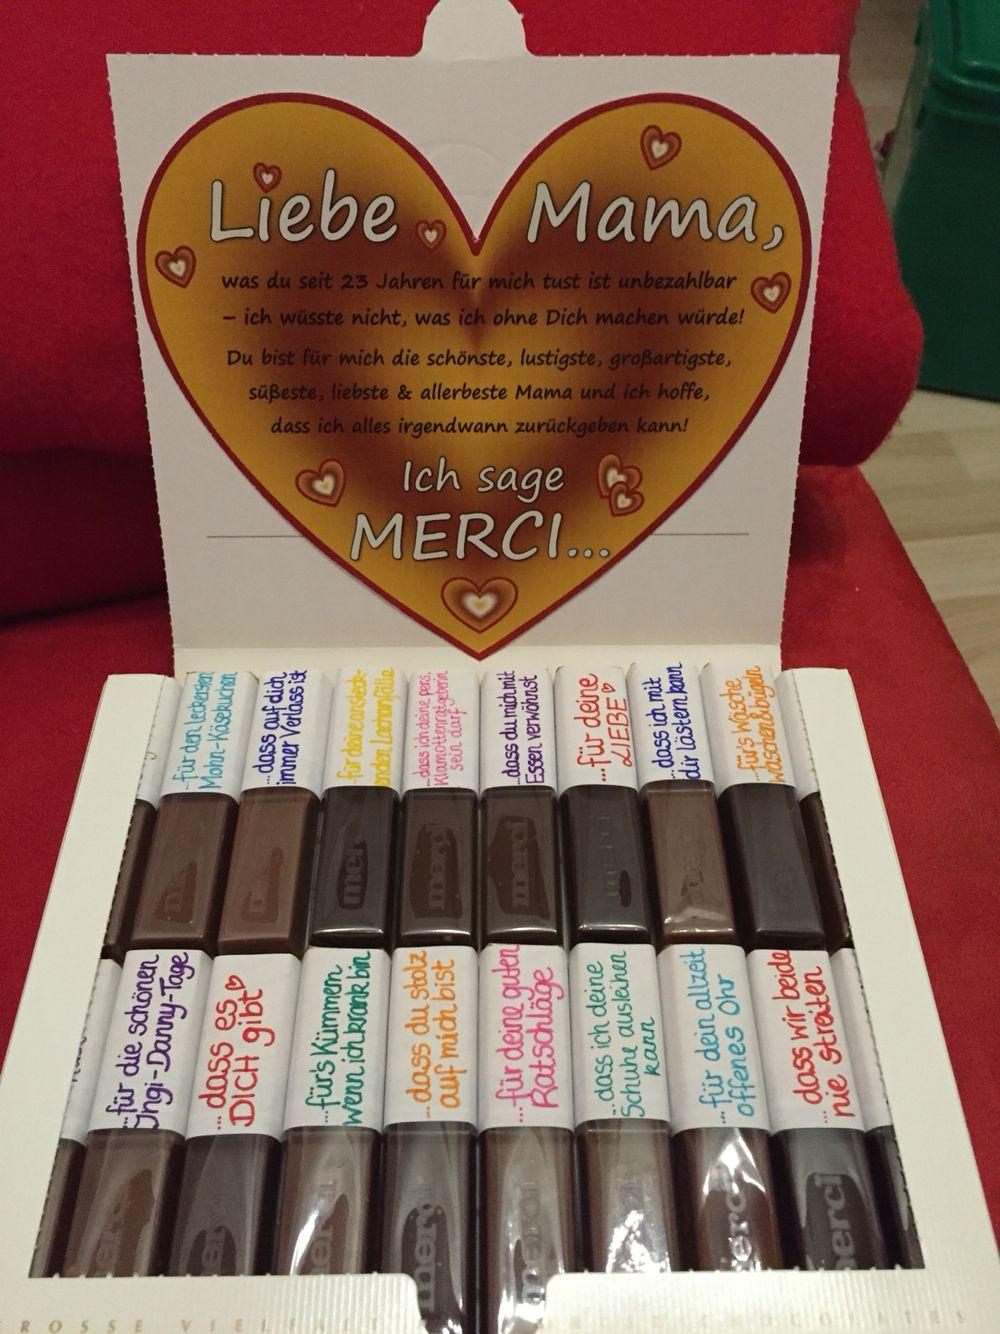 Geburtstagsgeschenke Für Mama Diy  Muttertagsgeschenk Merci dass es dich gibt DIY Mama